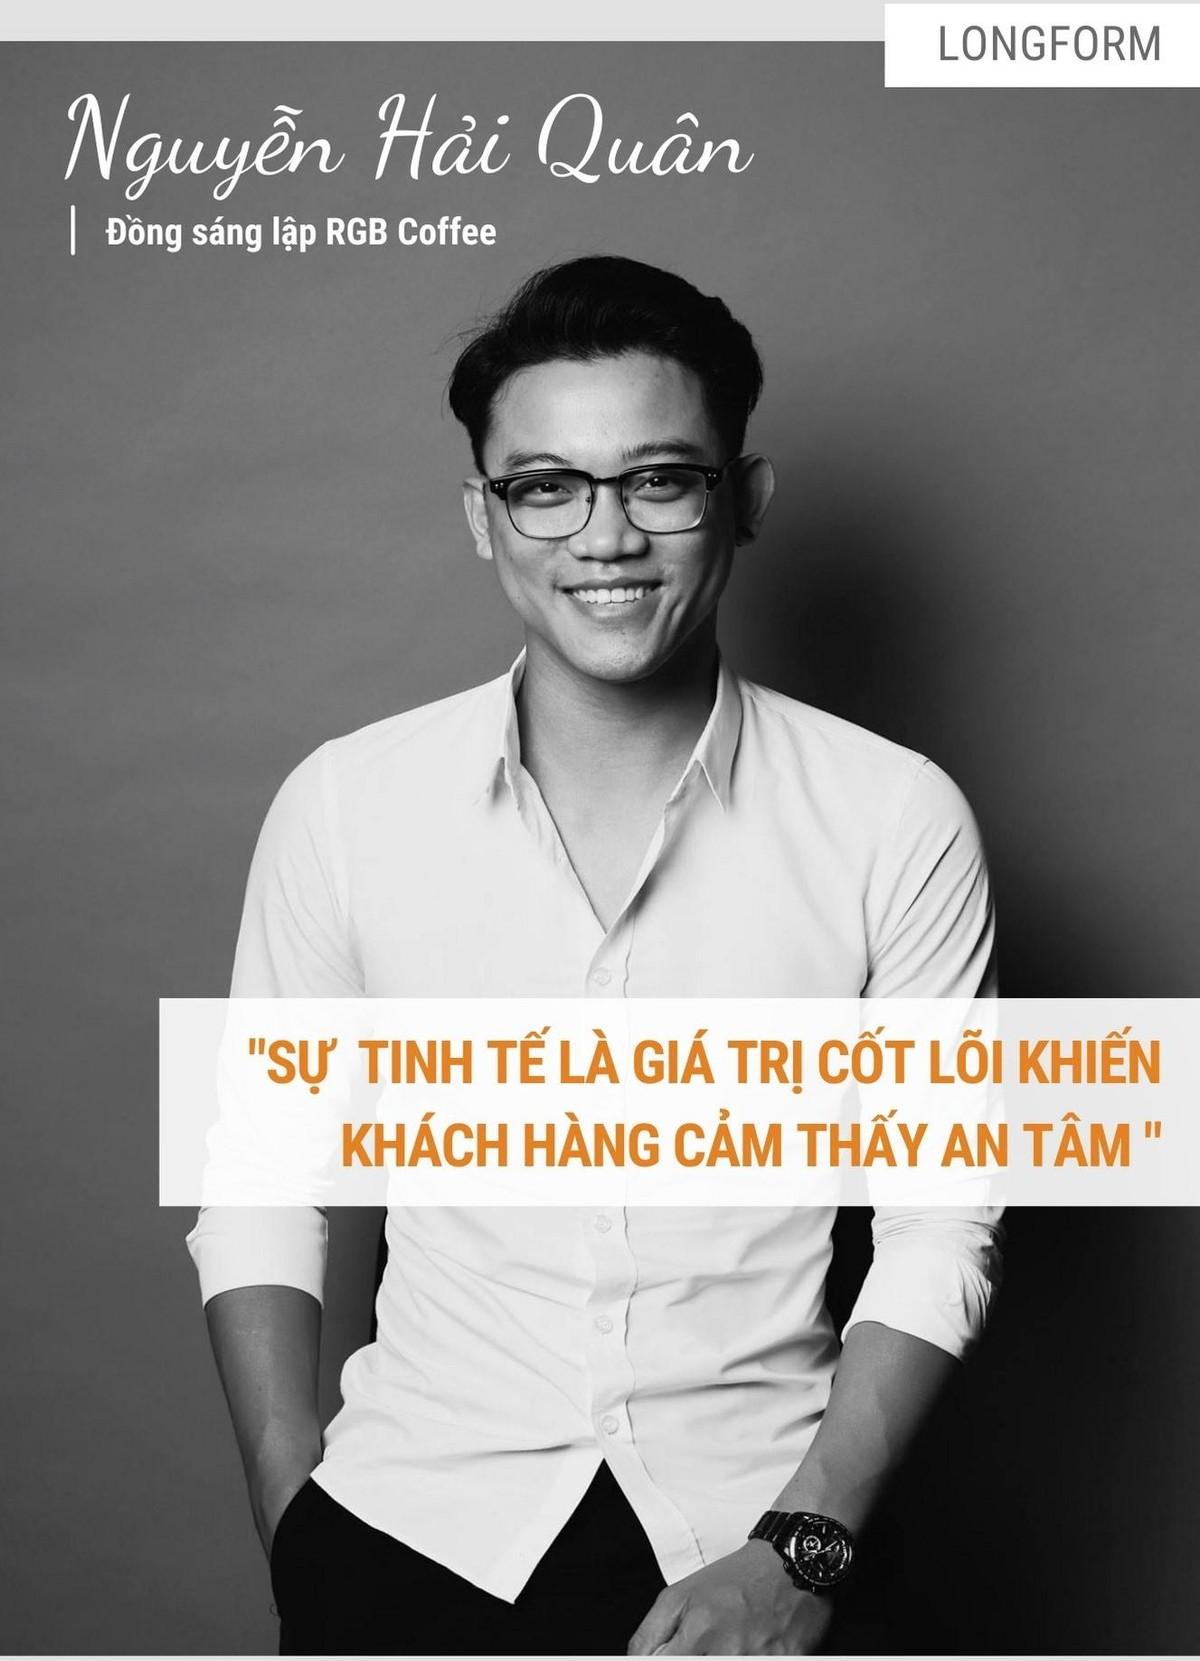 """Nguyễn Hải Quân, sáng lập RGB Coffee: """"Sự tinh tế là giá trị cốt lõi khiến khách hàng cảm thấy an tâm"""" ảnh 1"""